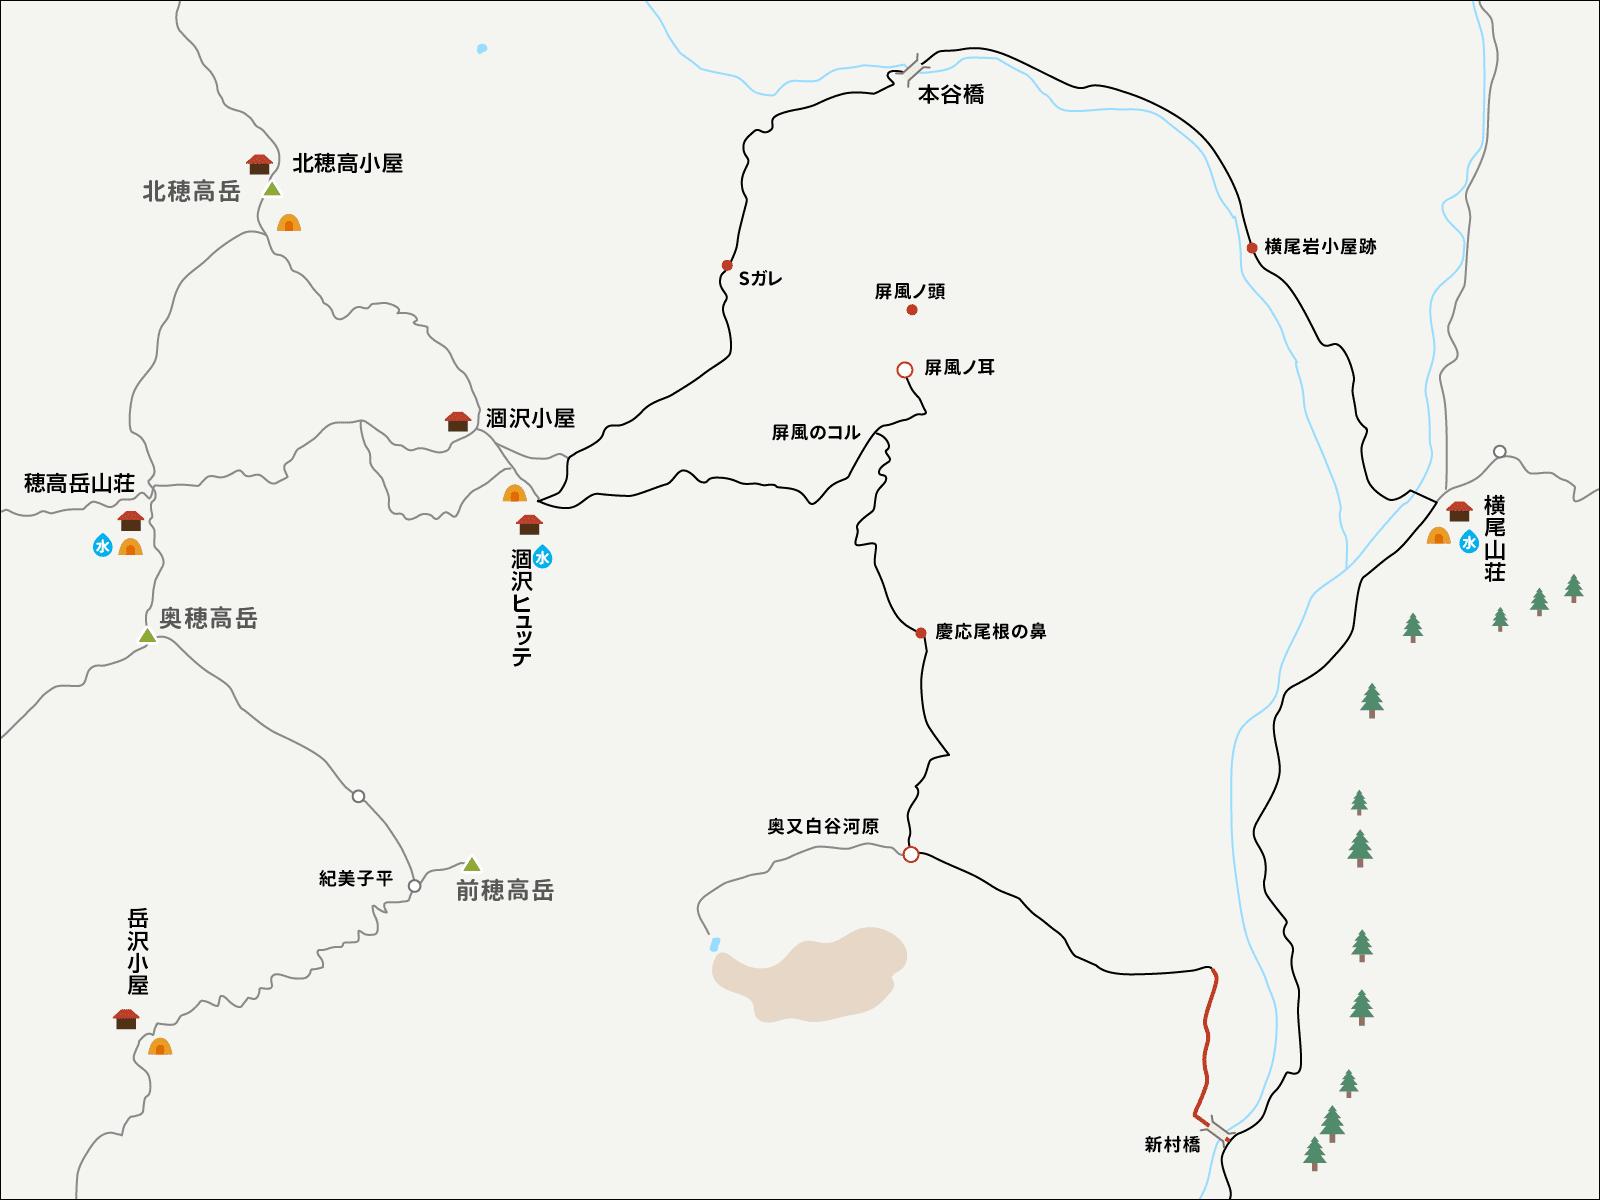 新村橋へのイラストマップ